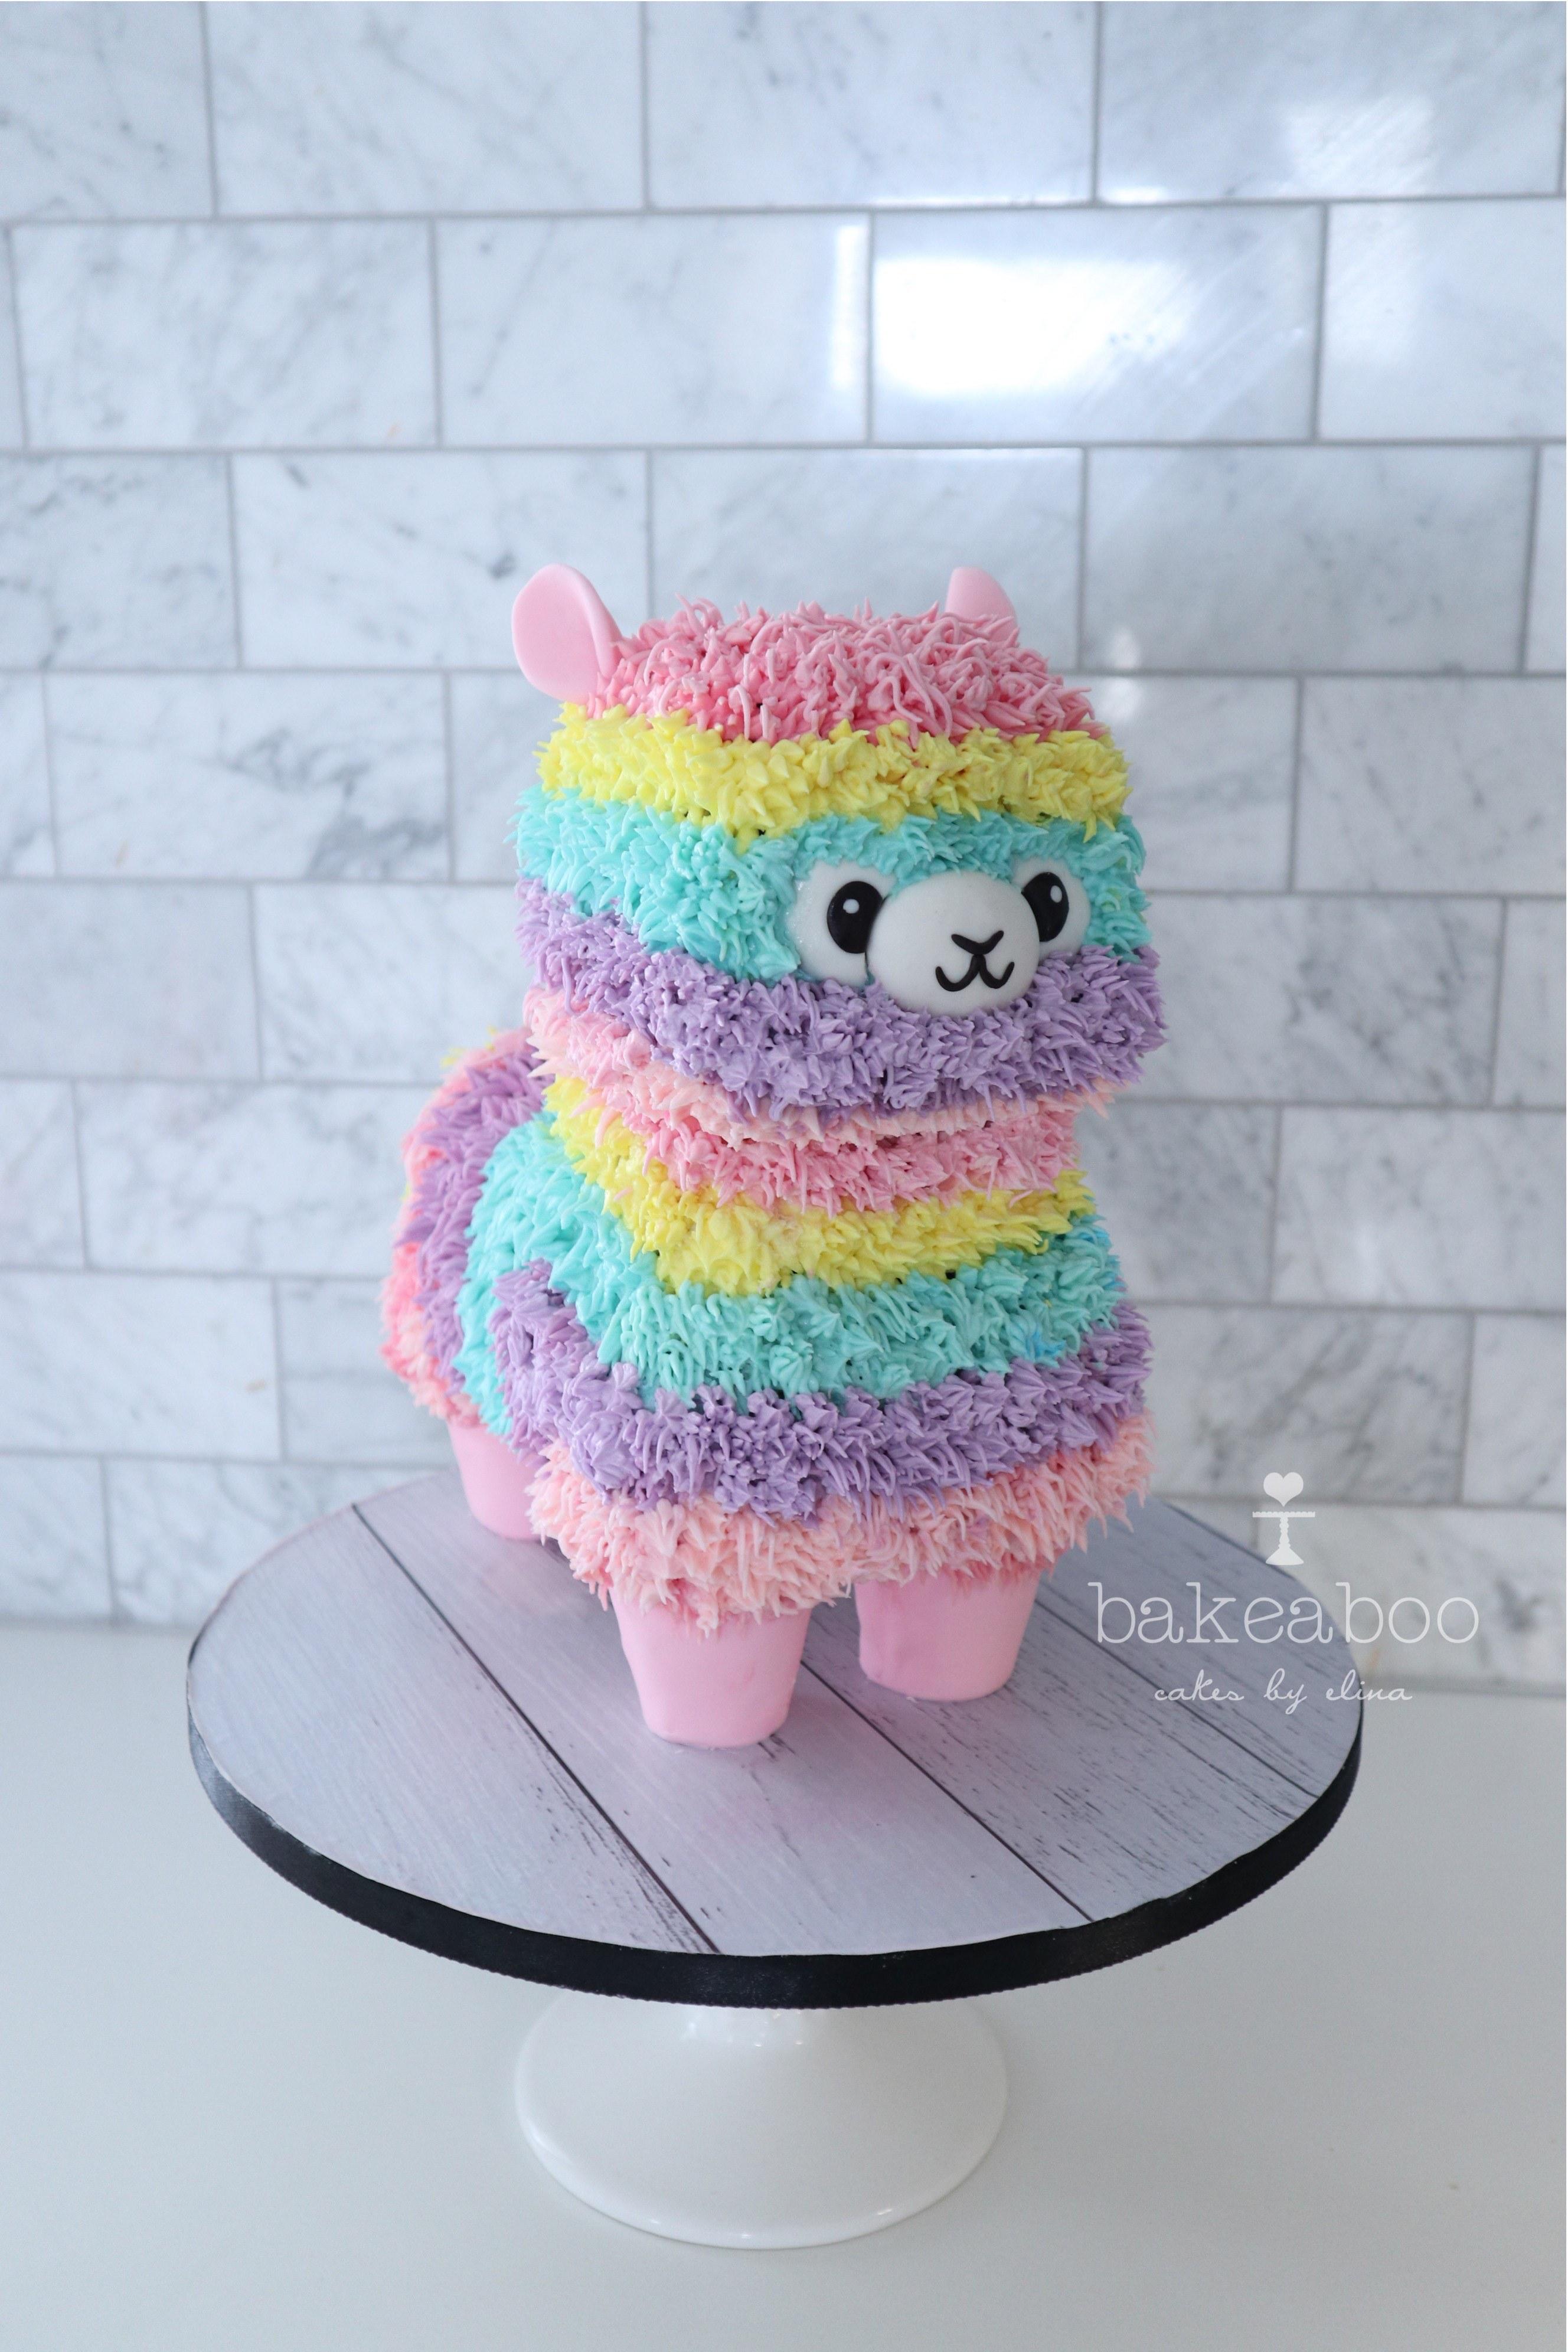 Buttercream alpaca cake